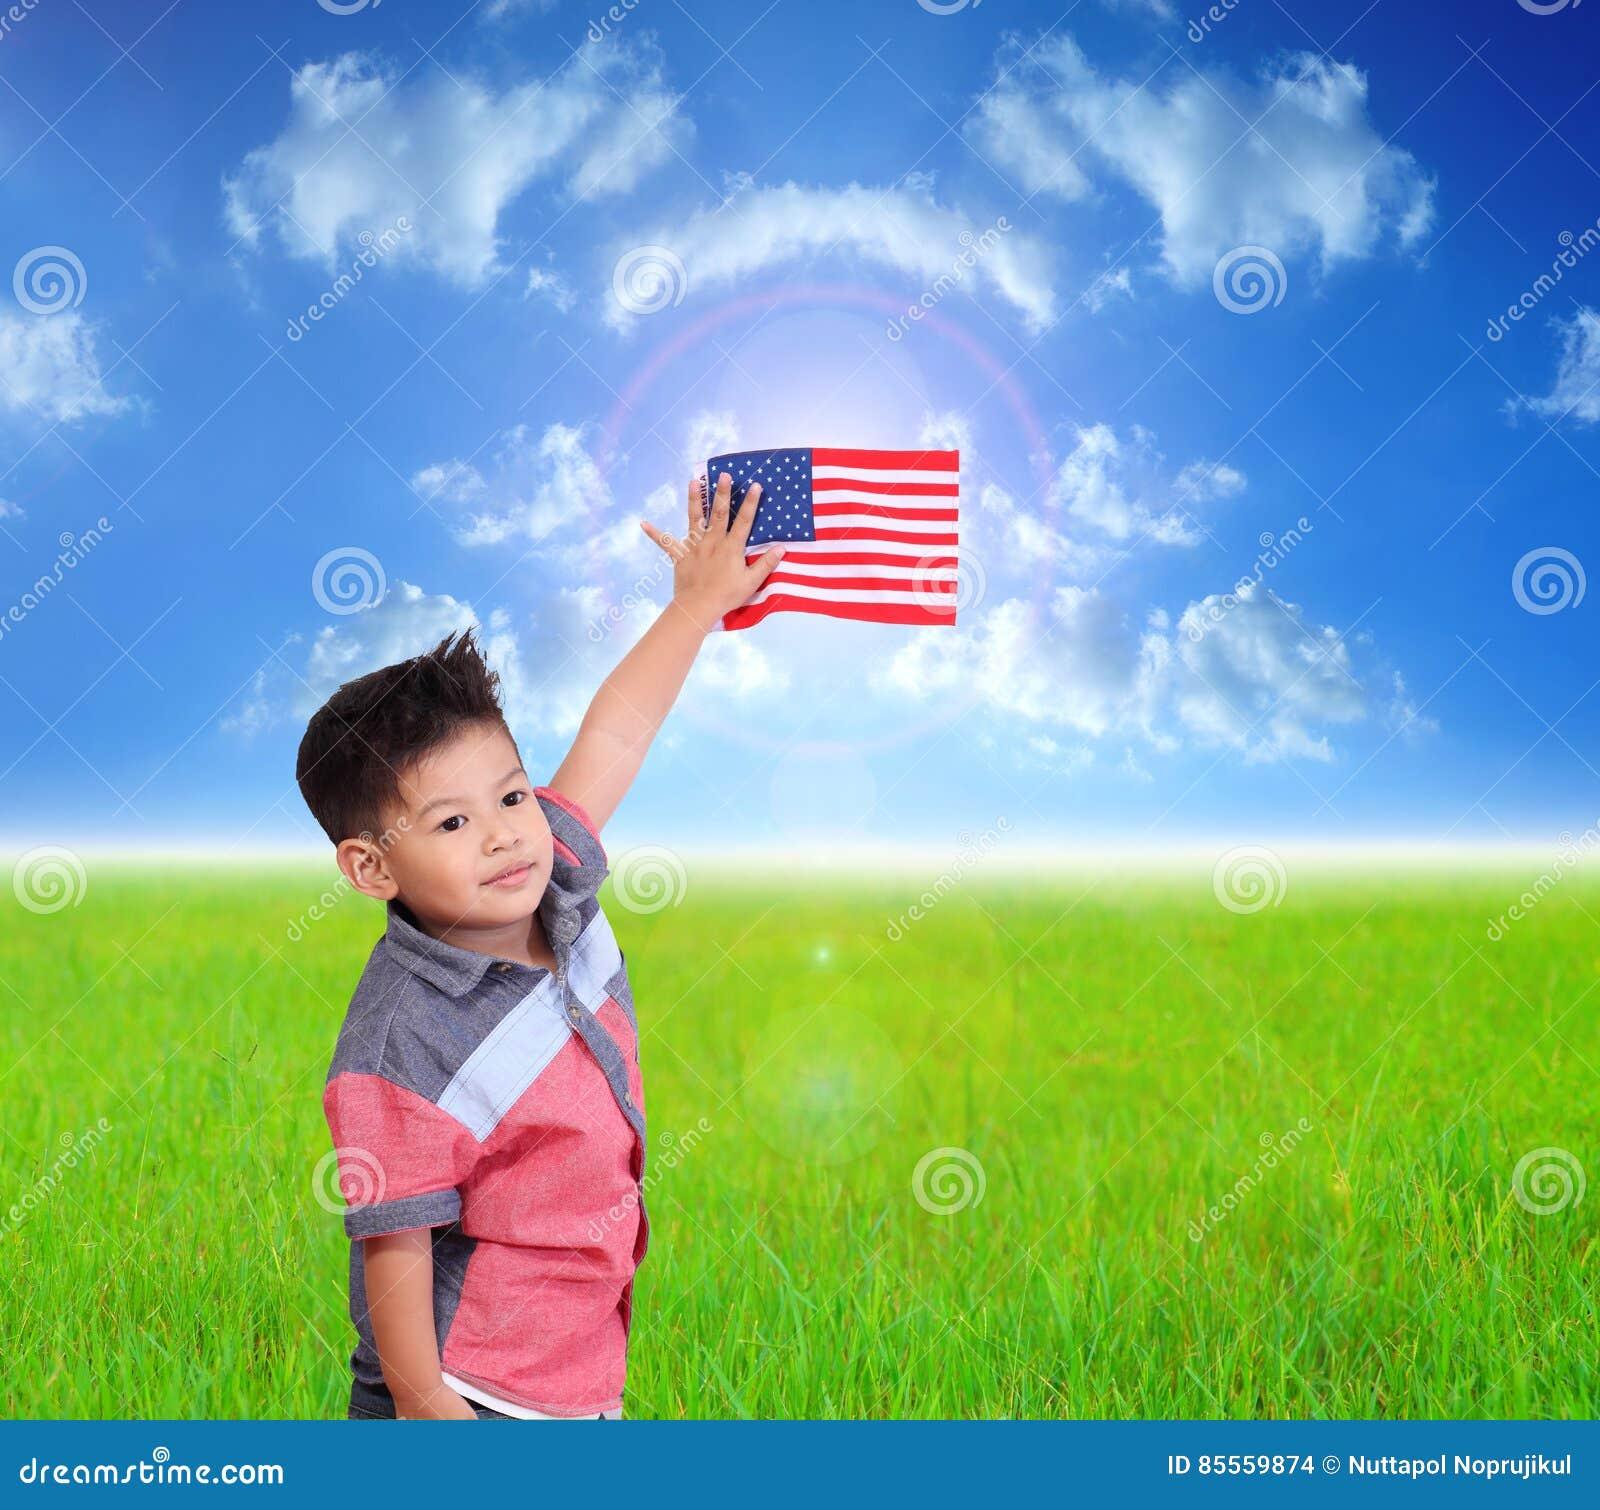 Kindershowflagge Amerika auf Wolke und Sonne des blauen Himmels mit Grün ich